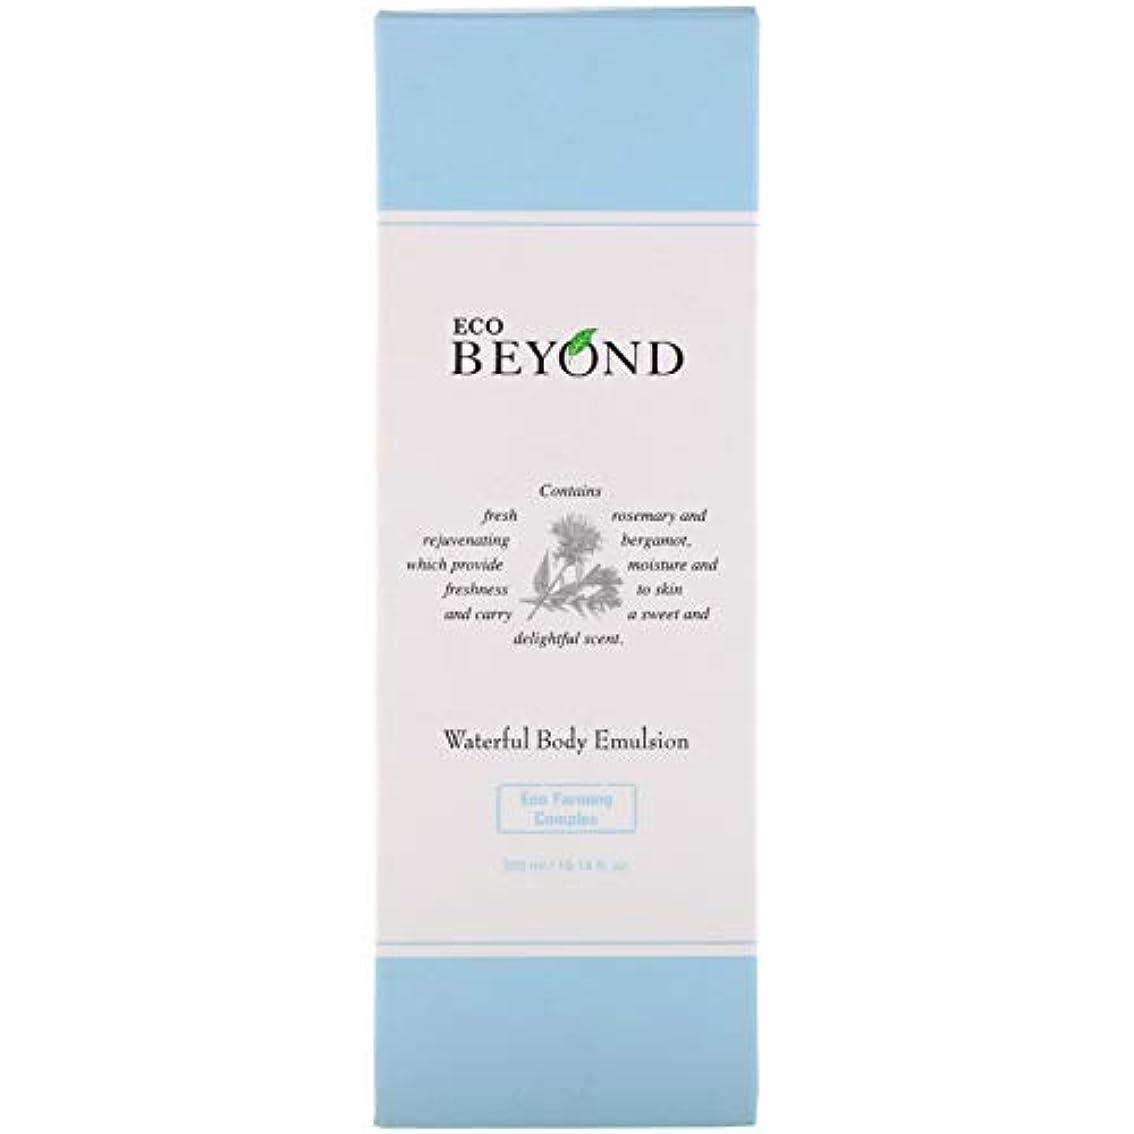 ポケット投資好奇心[ビヨンド] BEYOND [ウォーターフル ボディ エマルジョン 300ml] Waterful Body Emulsion 300ml [海外直送品]